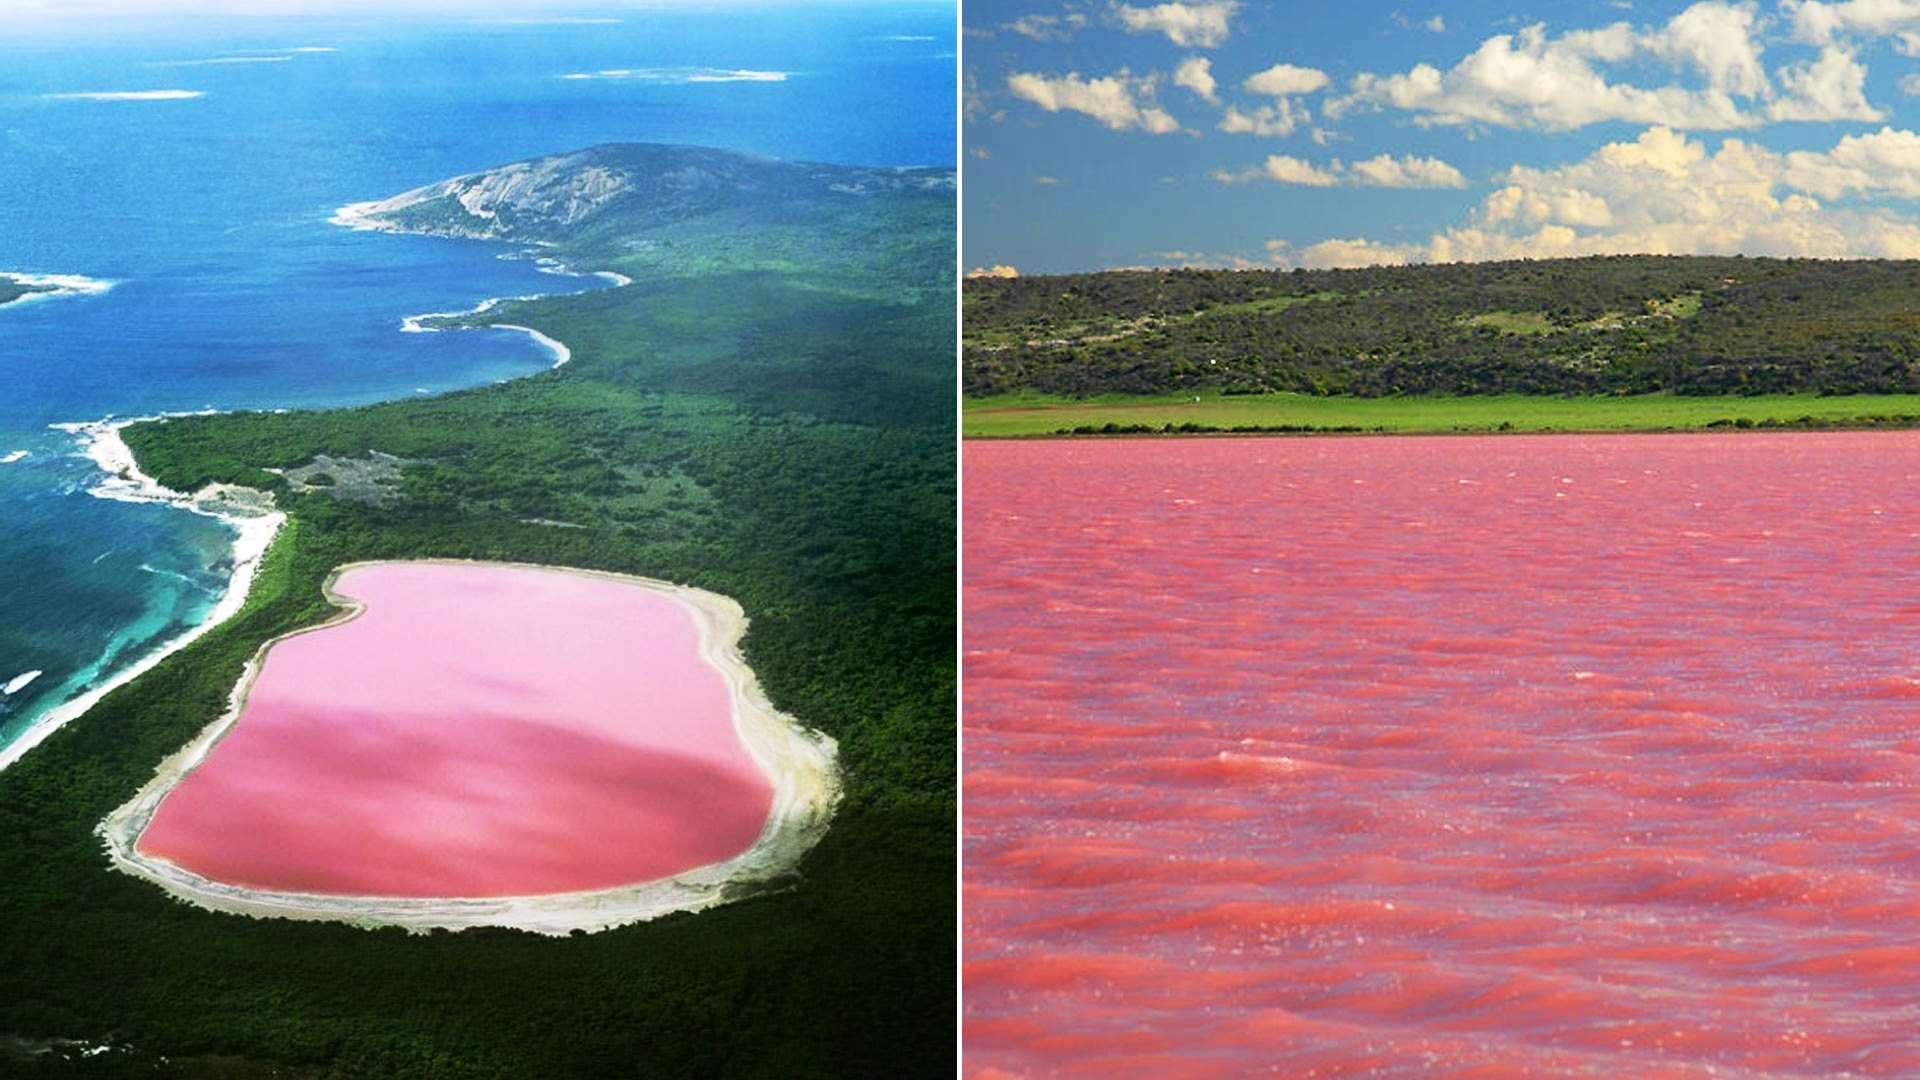 Hồ nước mặn màu hồng Lake Hillier nổi tiếng ở bang Tây Úc